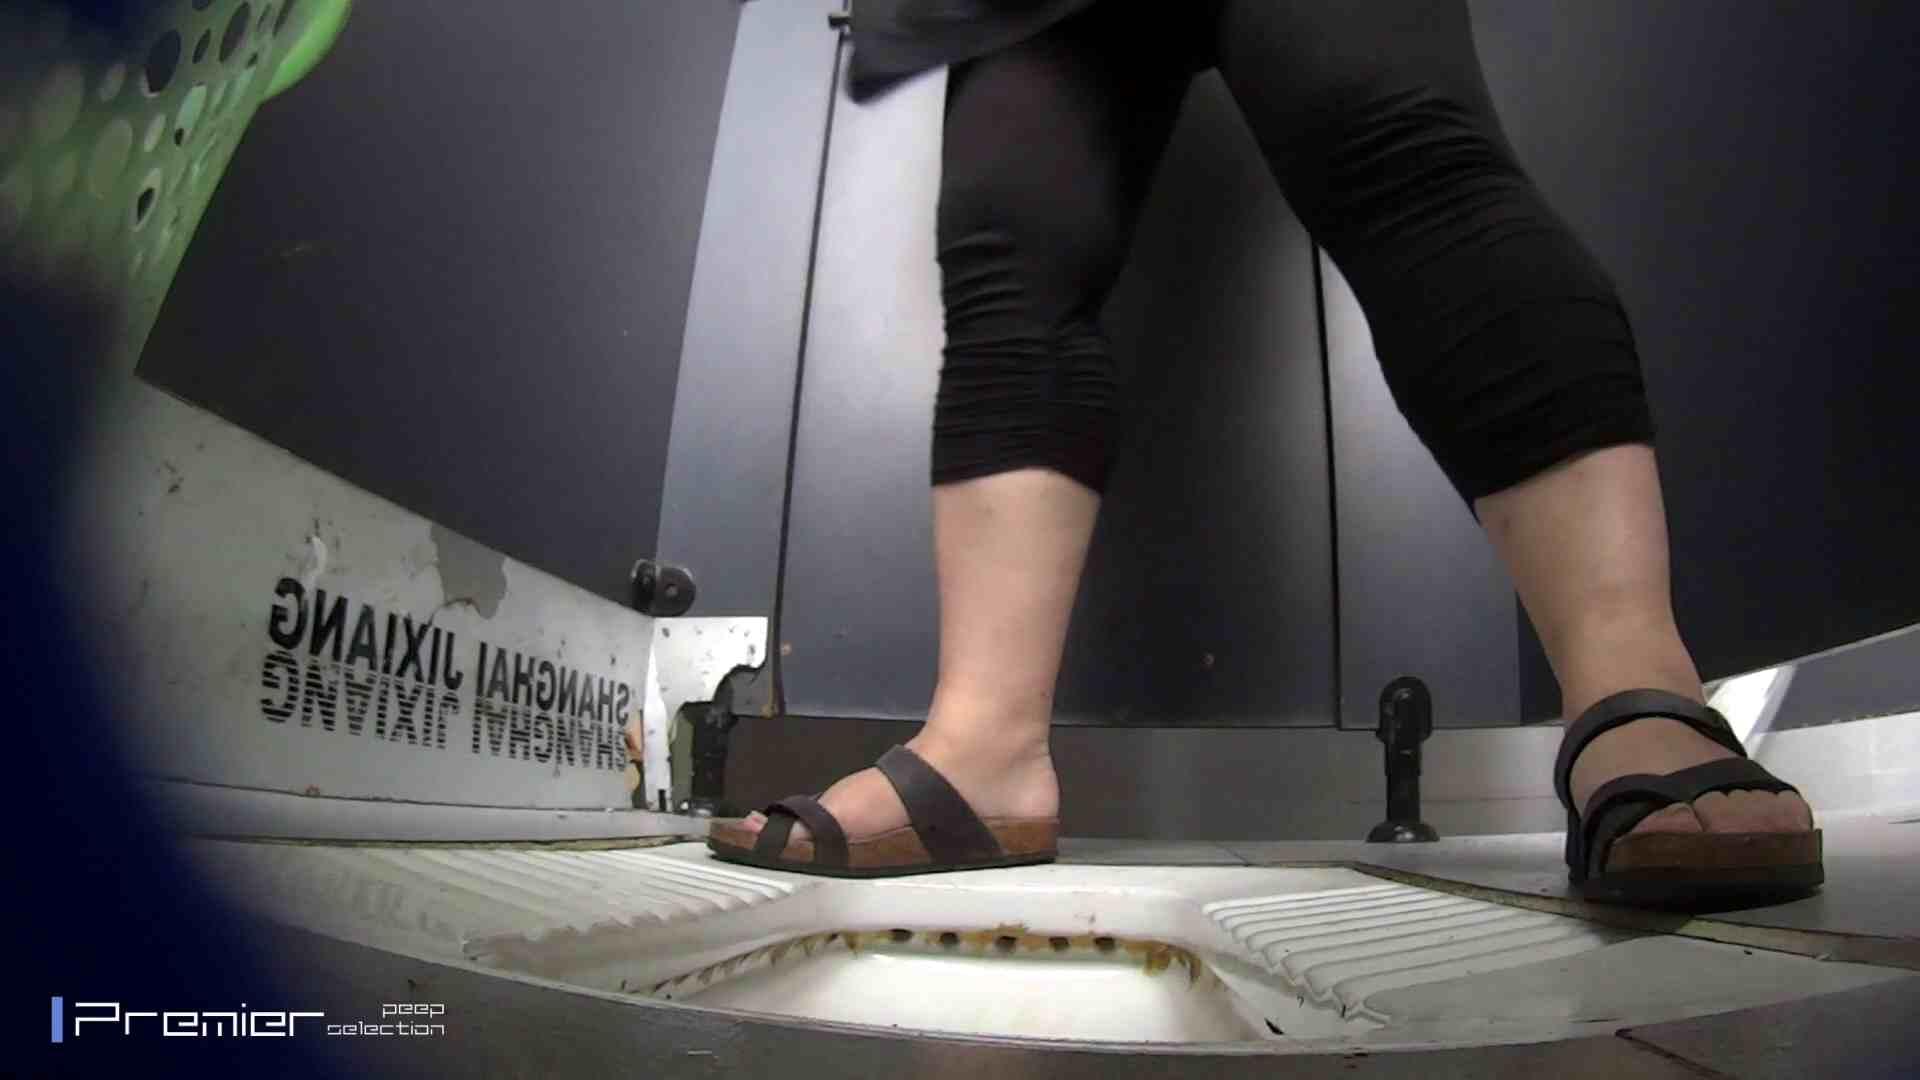 ポチャが多めの洗面所 大学休憩時間の洗面所事情45 丸見え ぱこり動画紹介 76画像 39